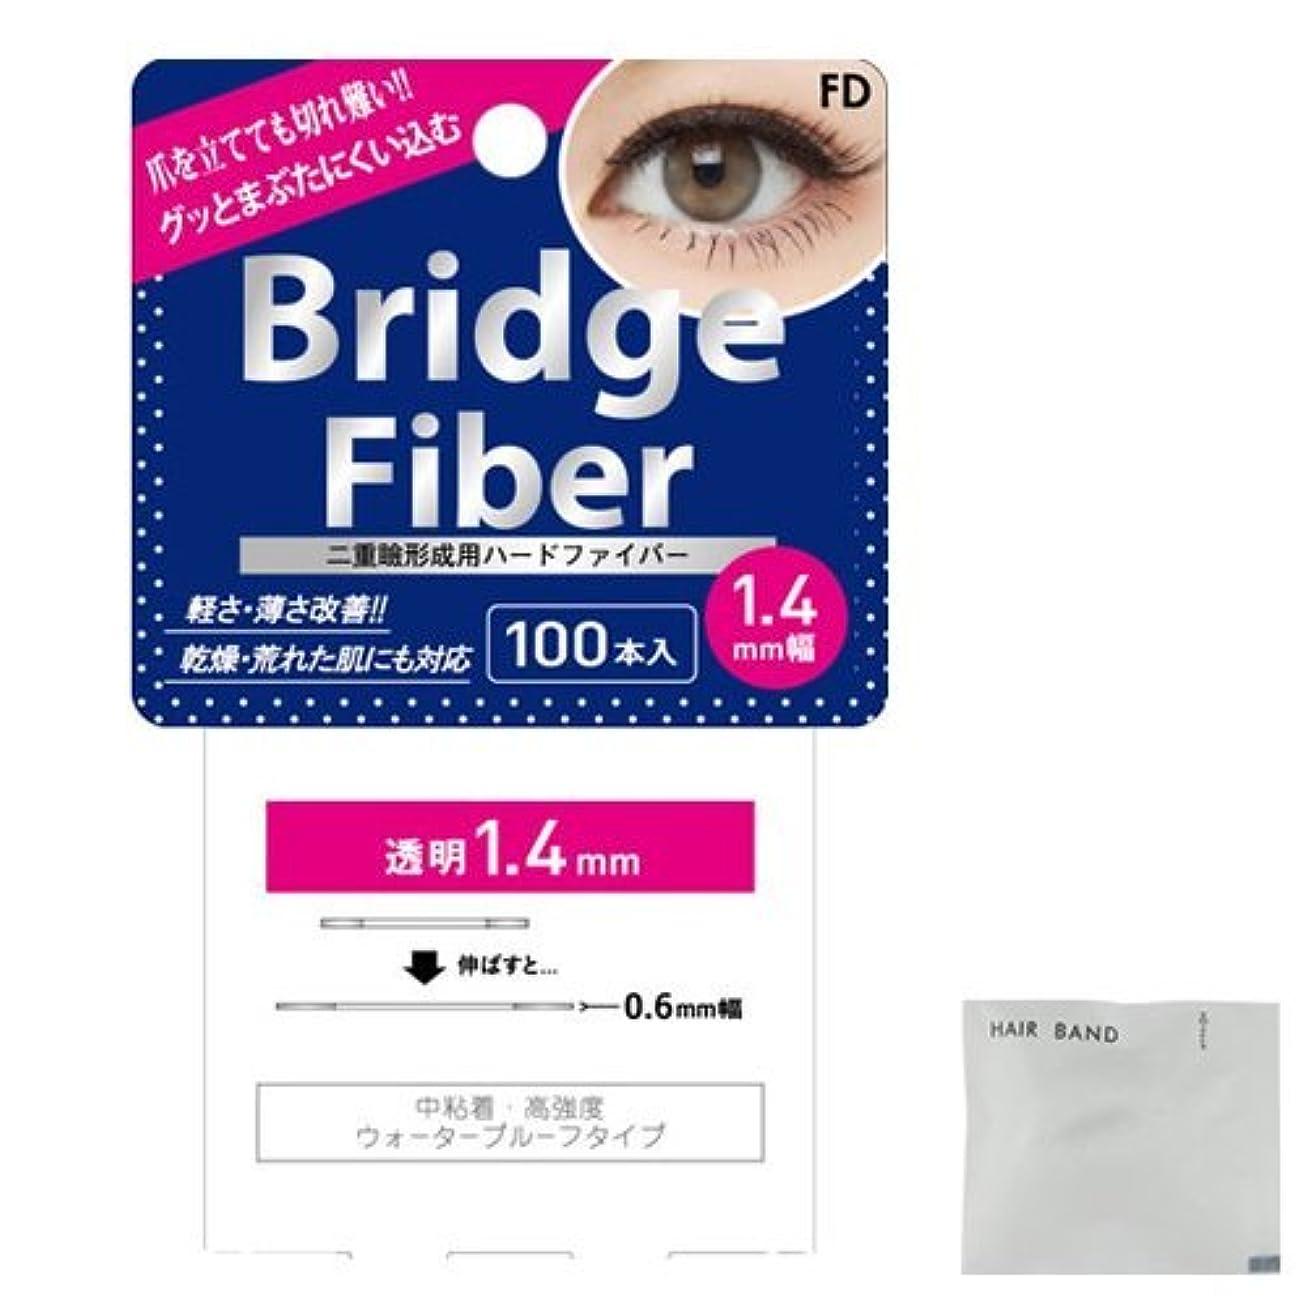 ベスビオ山ボットゆりかごFD ブリッジファイバーⅡ (Bridge Fiber) クリア1.4mm + ヘアゴム(カラーはおまかせ)セット